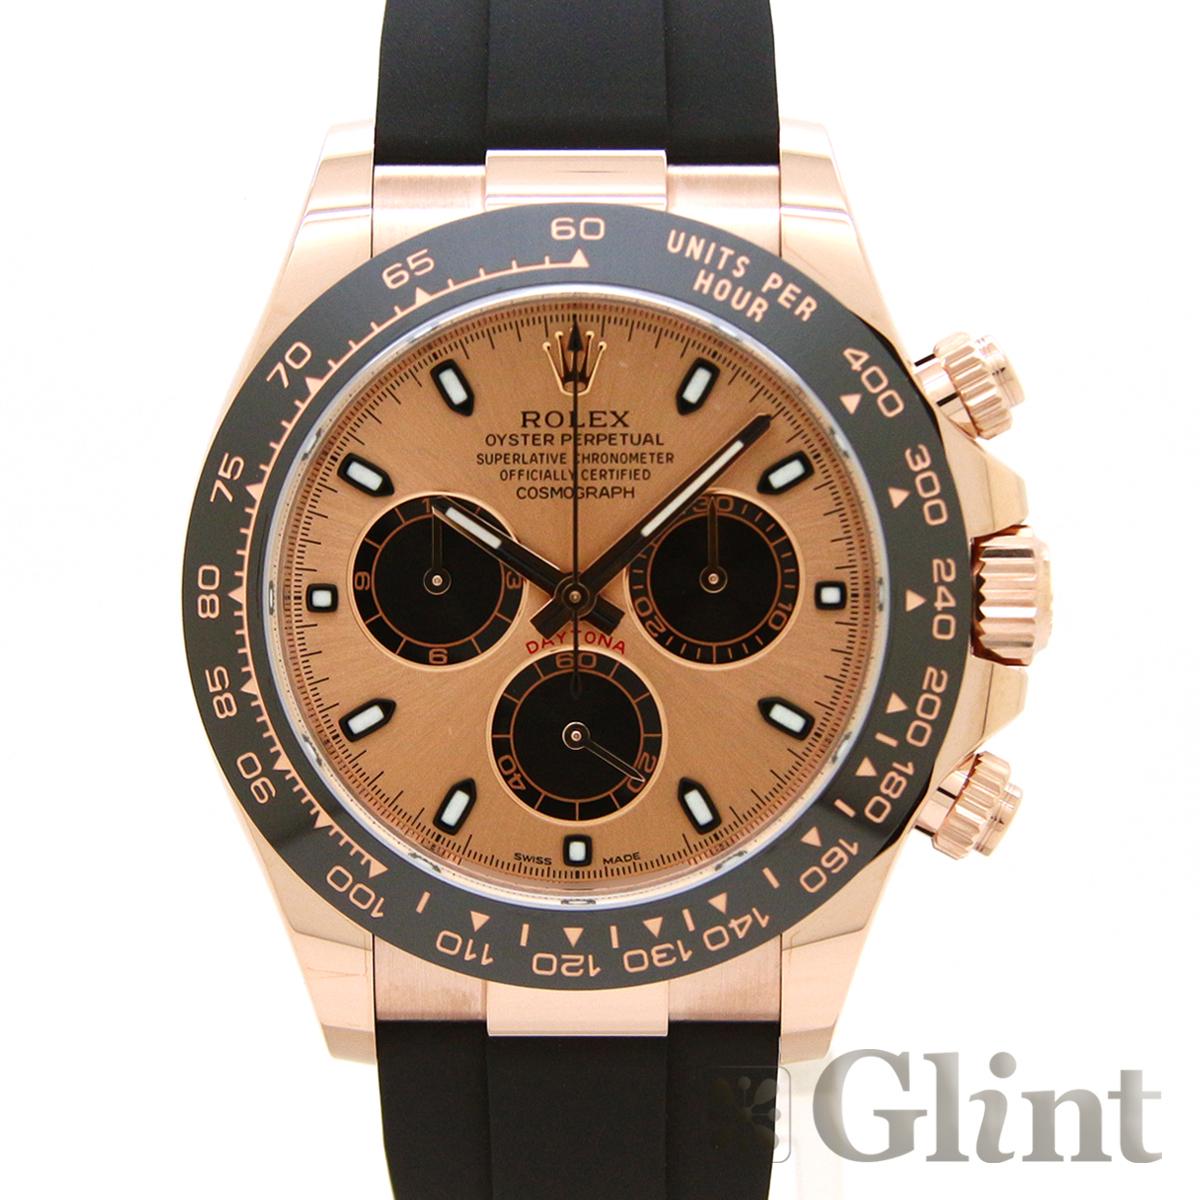 ロレックス(ROLEX)デイトナ 116515LN ピンク・ブラック文字盤〔腕時計〕〔メンズ〕〔2020年2月/ランダムシリアル〕〔未使用品/国内正規品〕【中古】